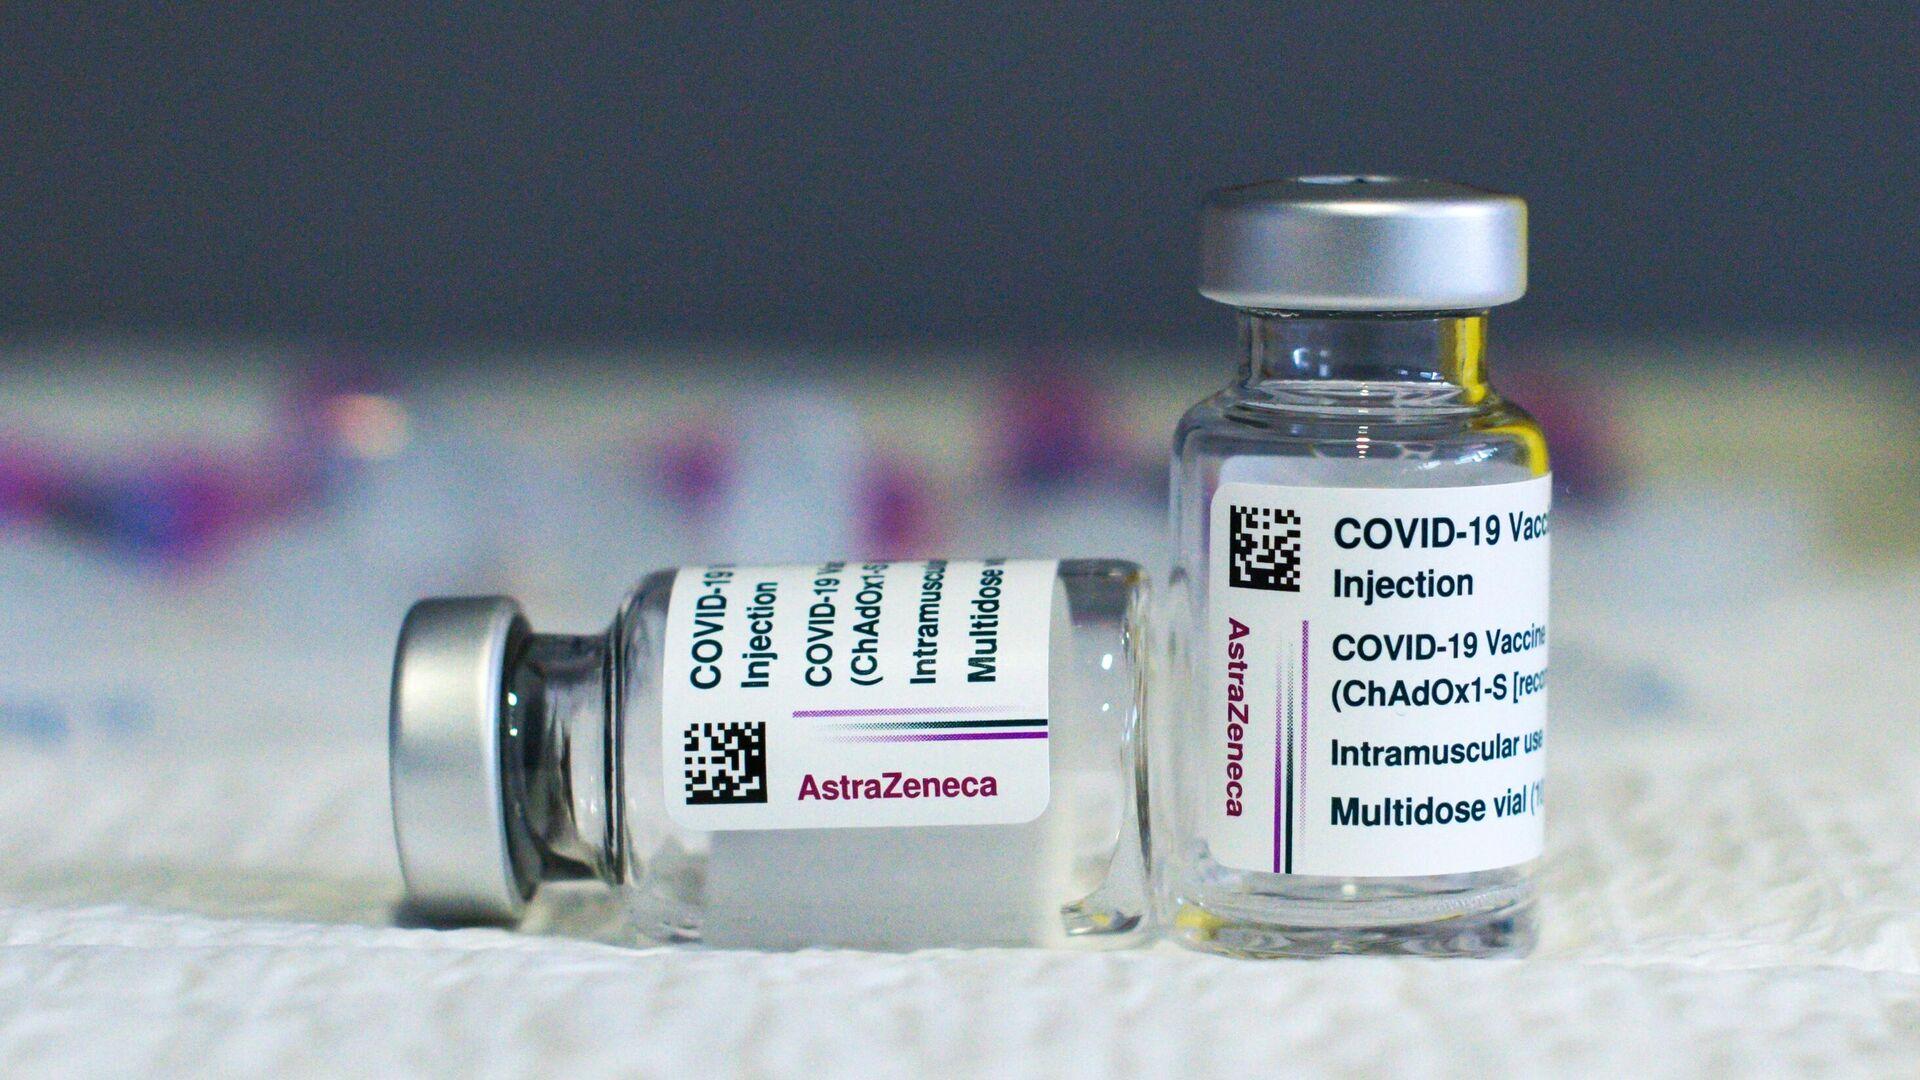 Вакцина Oxford/AstraZeneca от COVID-19 - РИА Новости, 1920, 15.03.2021